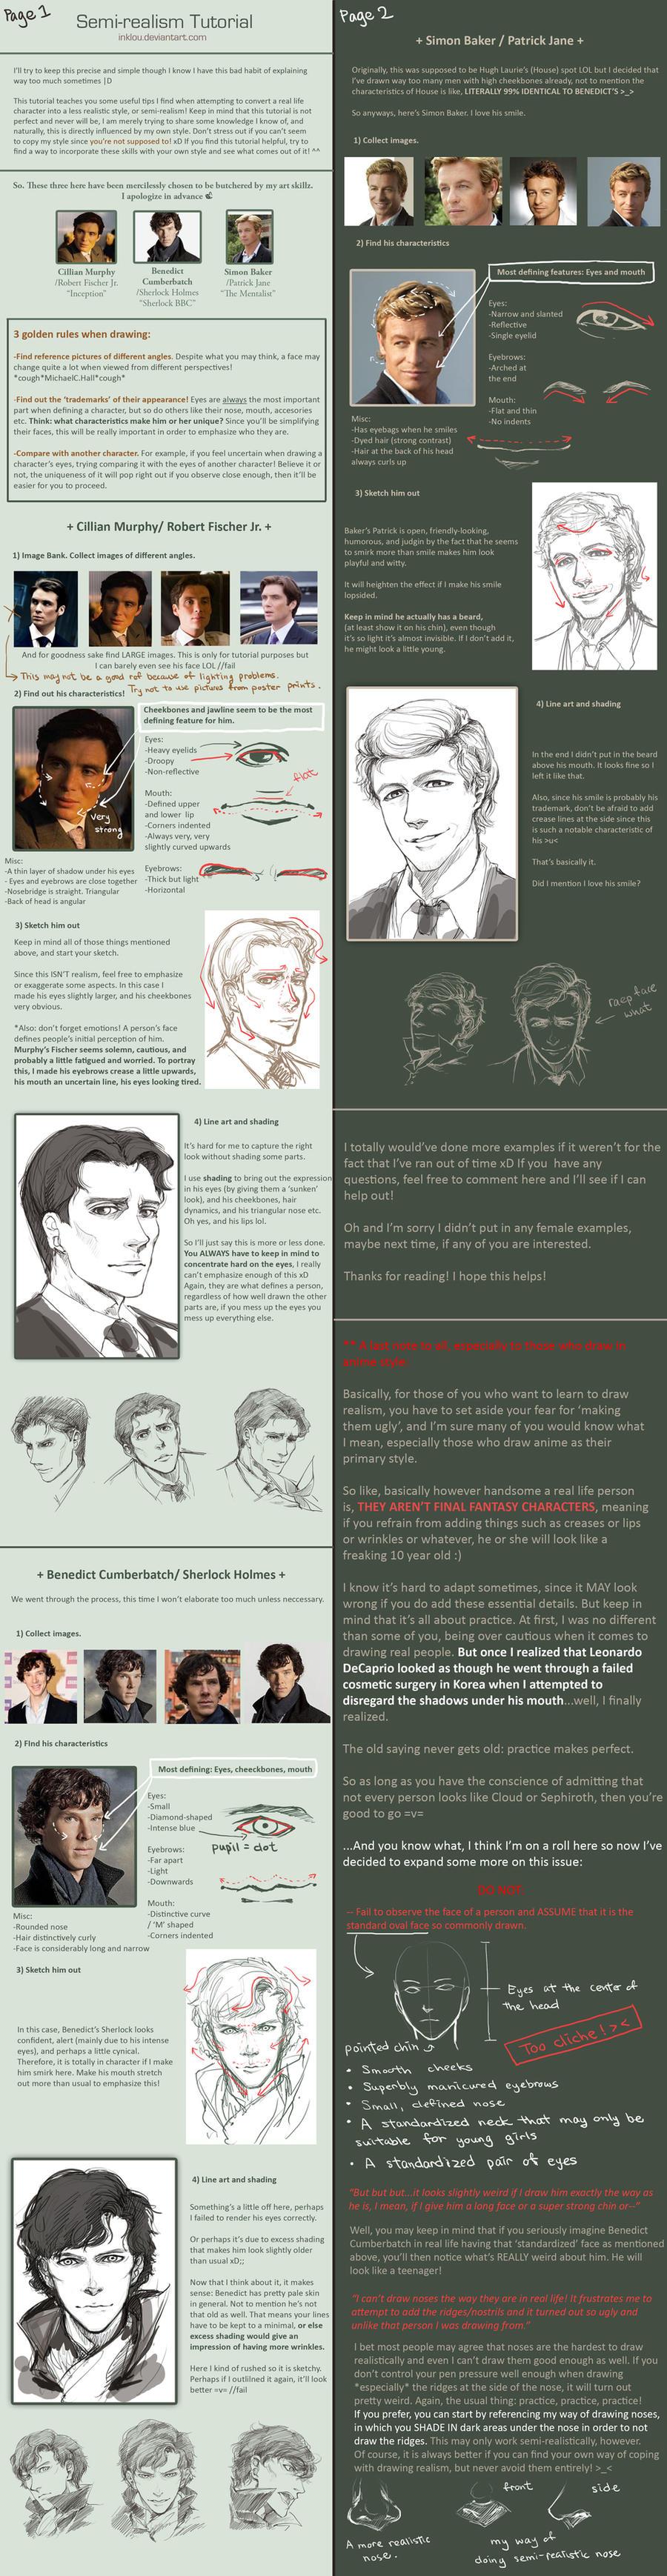 Semi-realism tutorial by inklou